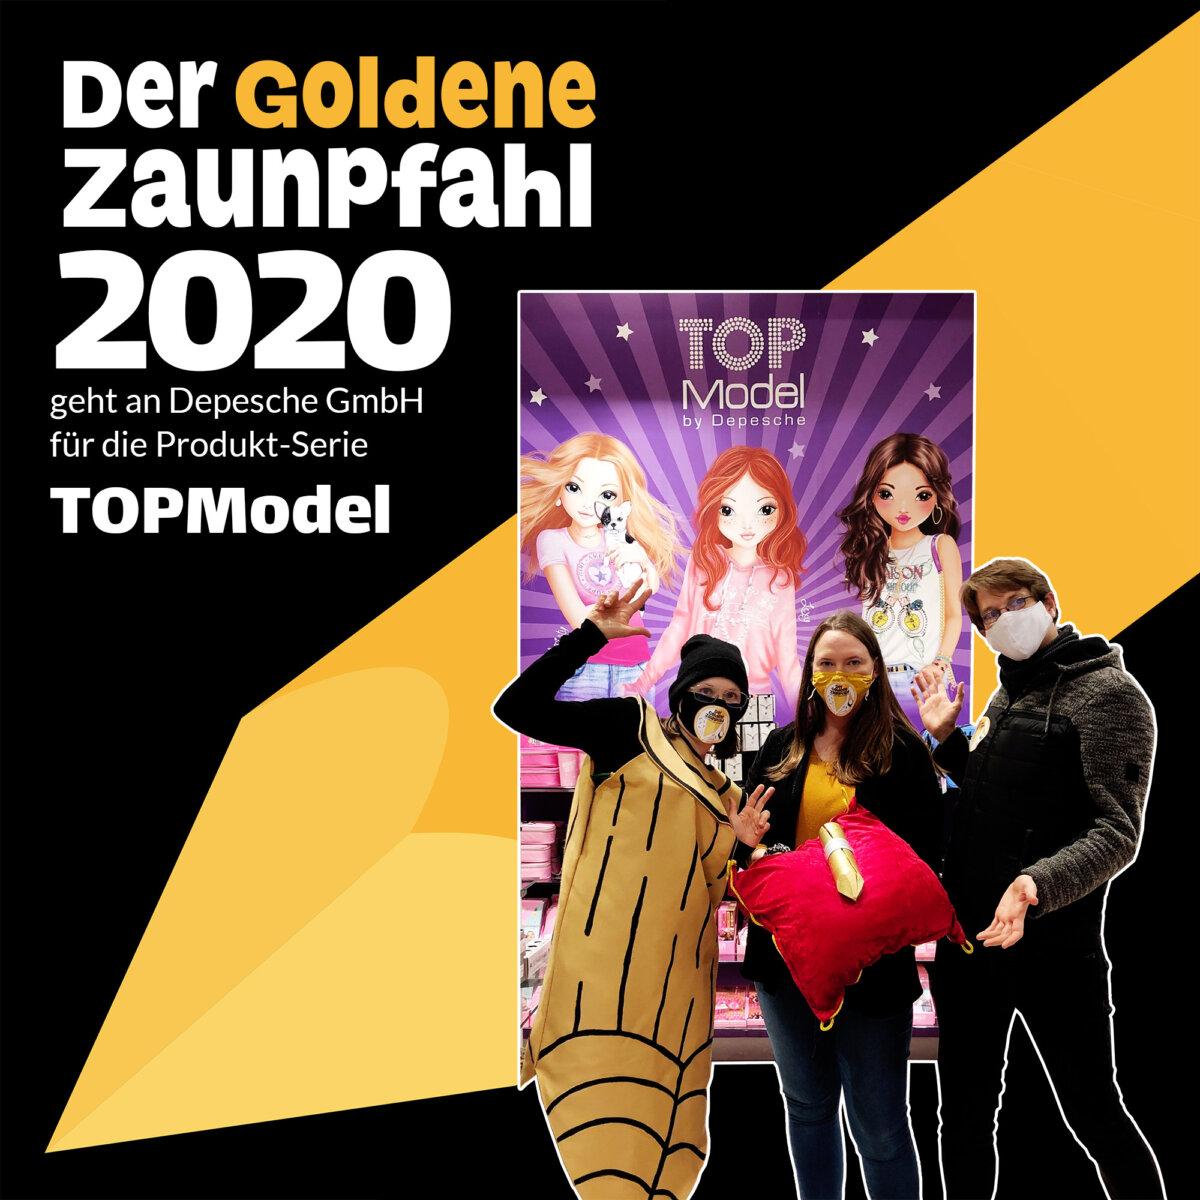 Gewinner*innen des Goldenen Zaunpfahl 2020: TOPModels von Depesche